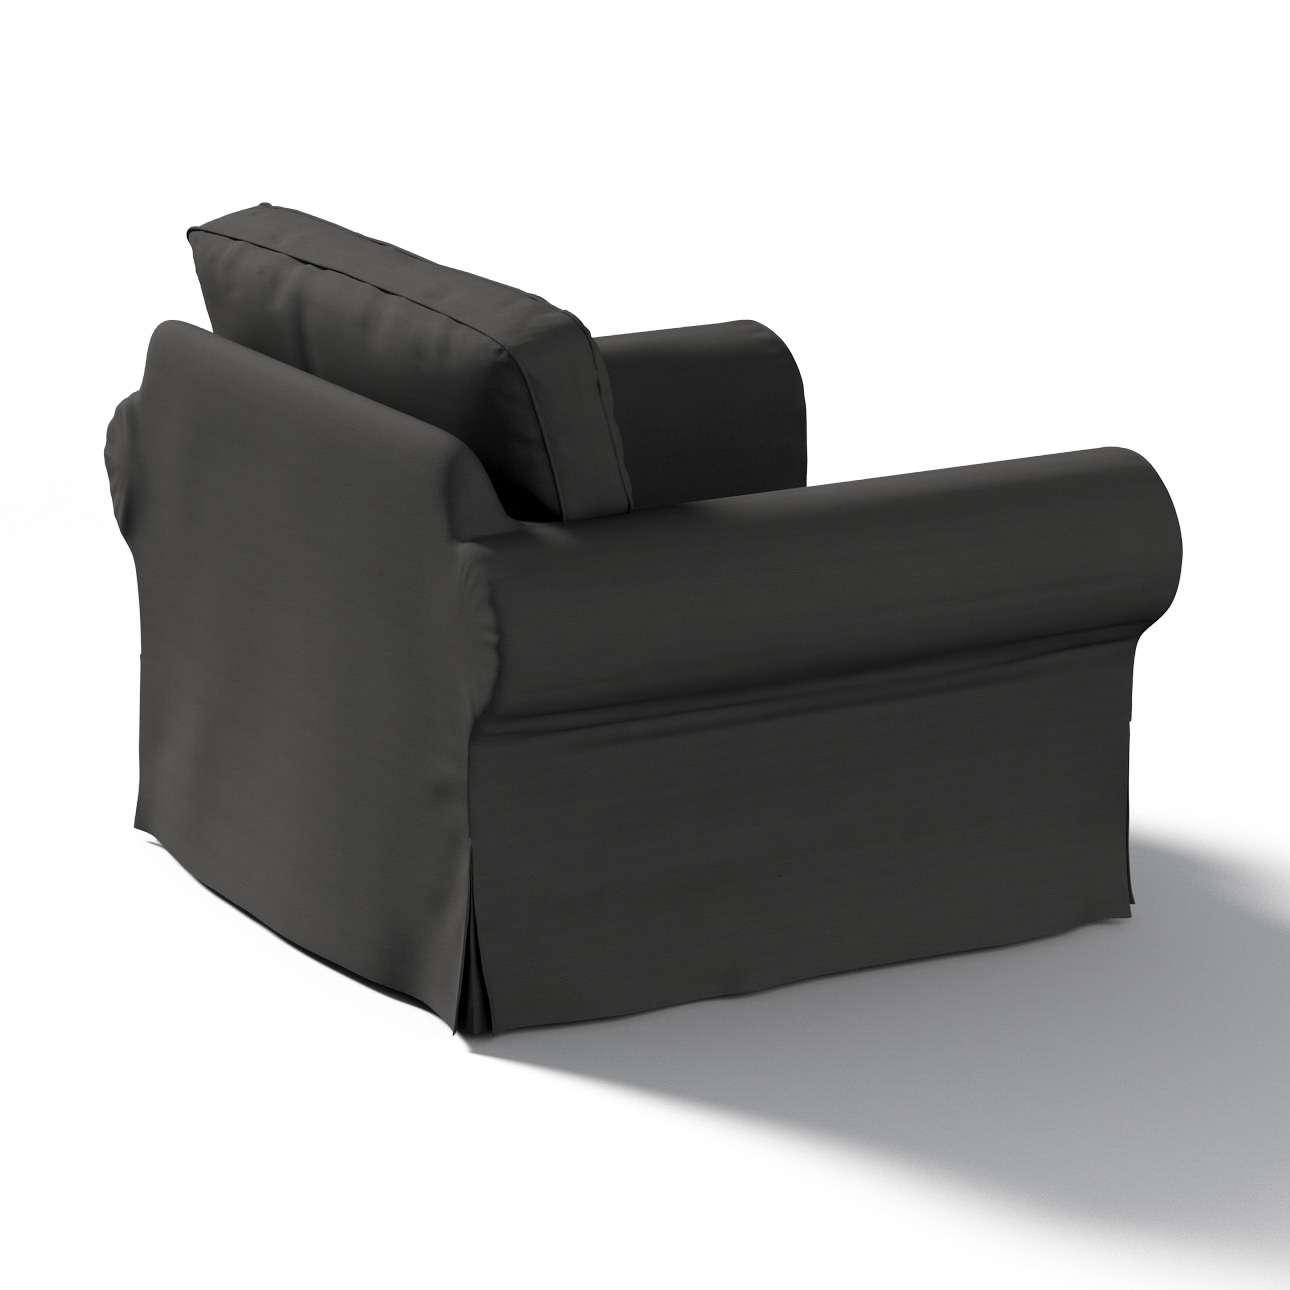 Pokrowiec na fotel Ektorp w kolekcji Cotton Panama, tkanina: 702-08